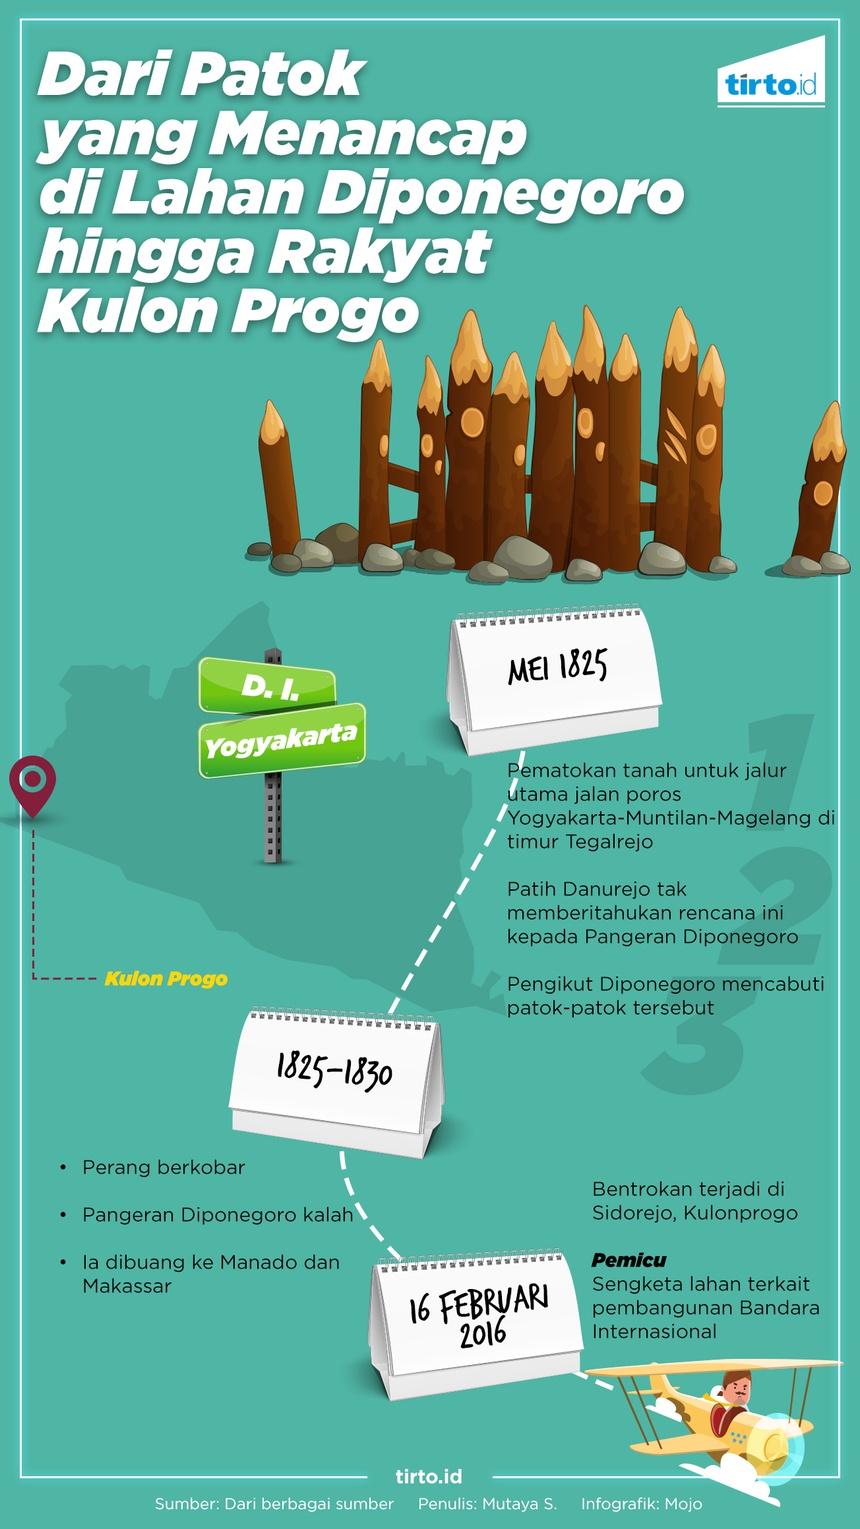 Patok Menancap di Lahan Diponegoro hingga Rakyat Kulonprogo